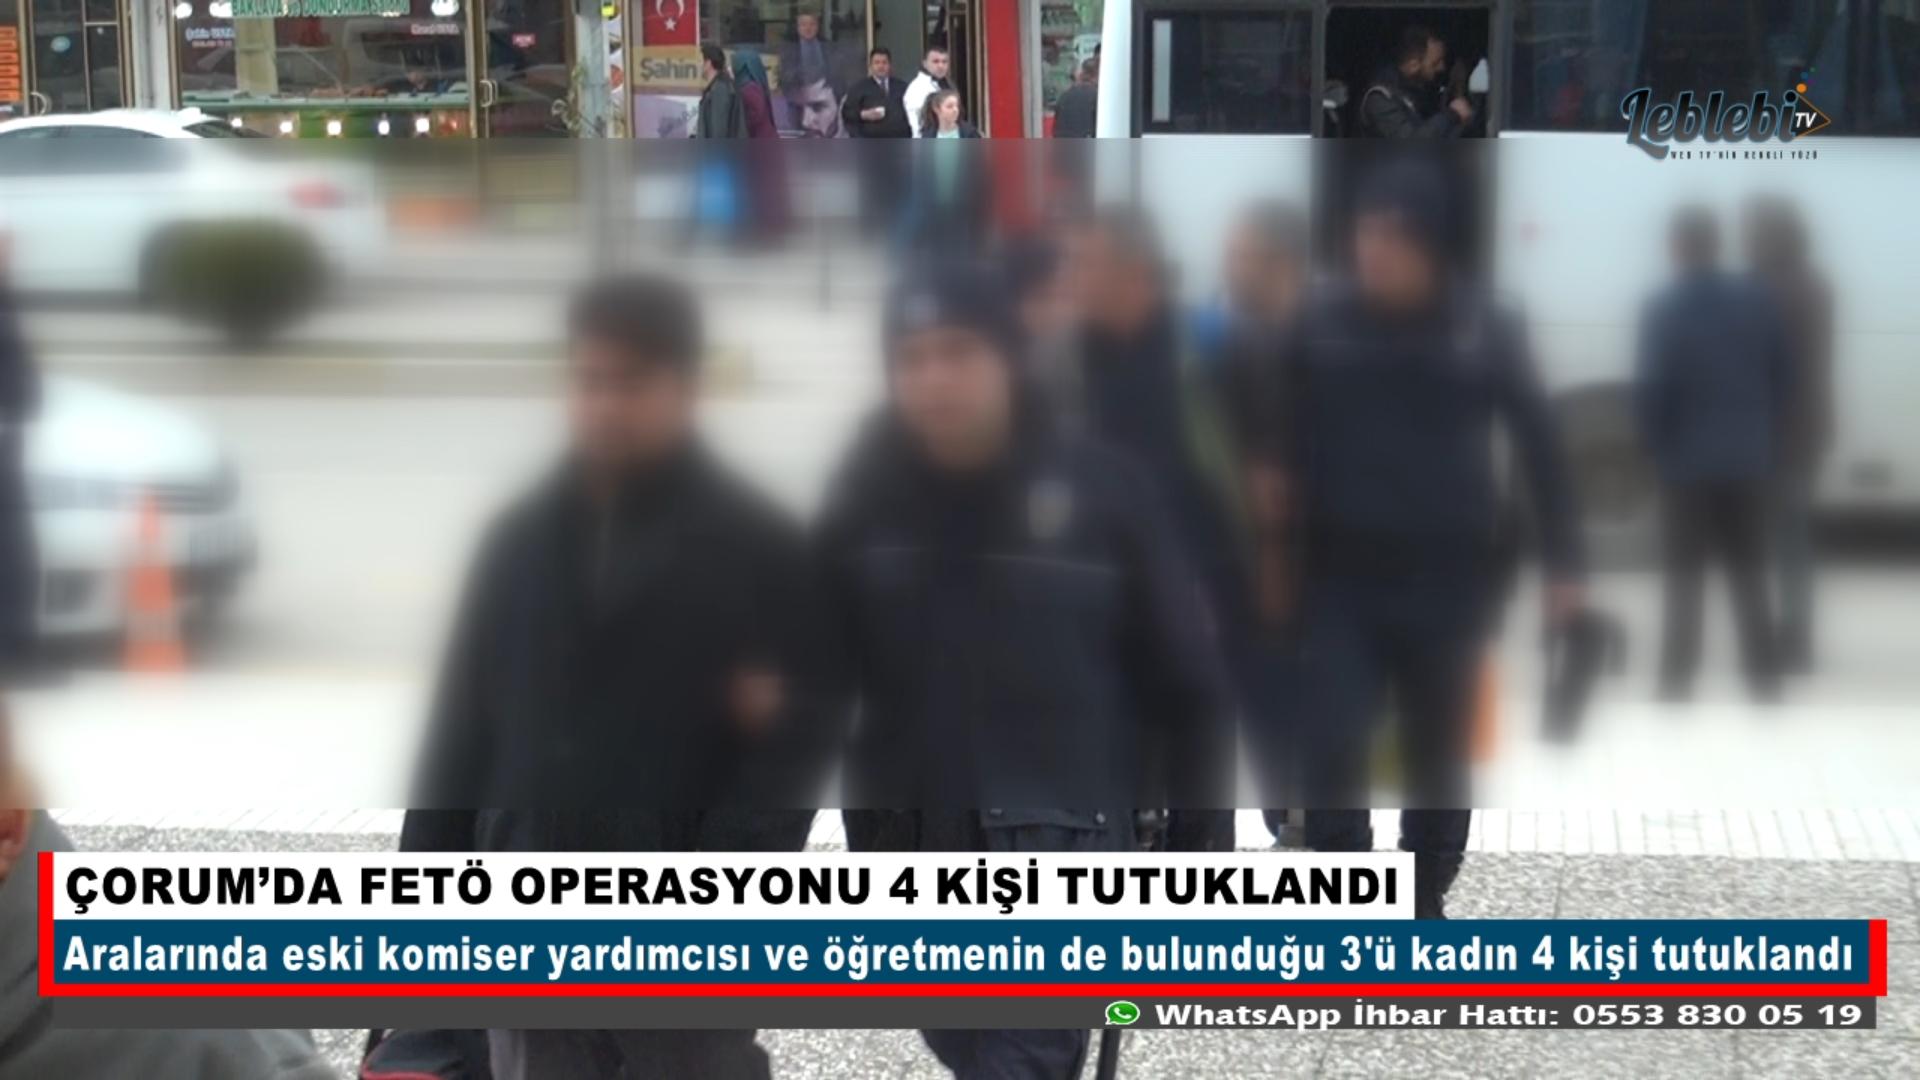 ÇORUM'DA FETÖ OPERASYONU 4 KİŞİ TUTUKLANDI